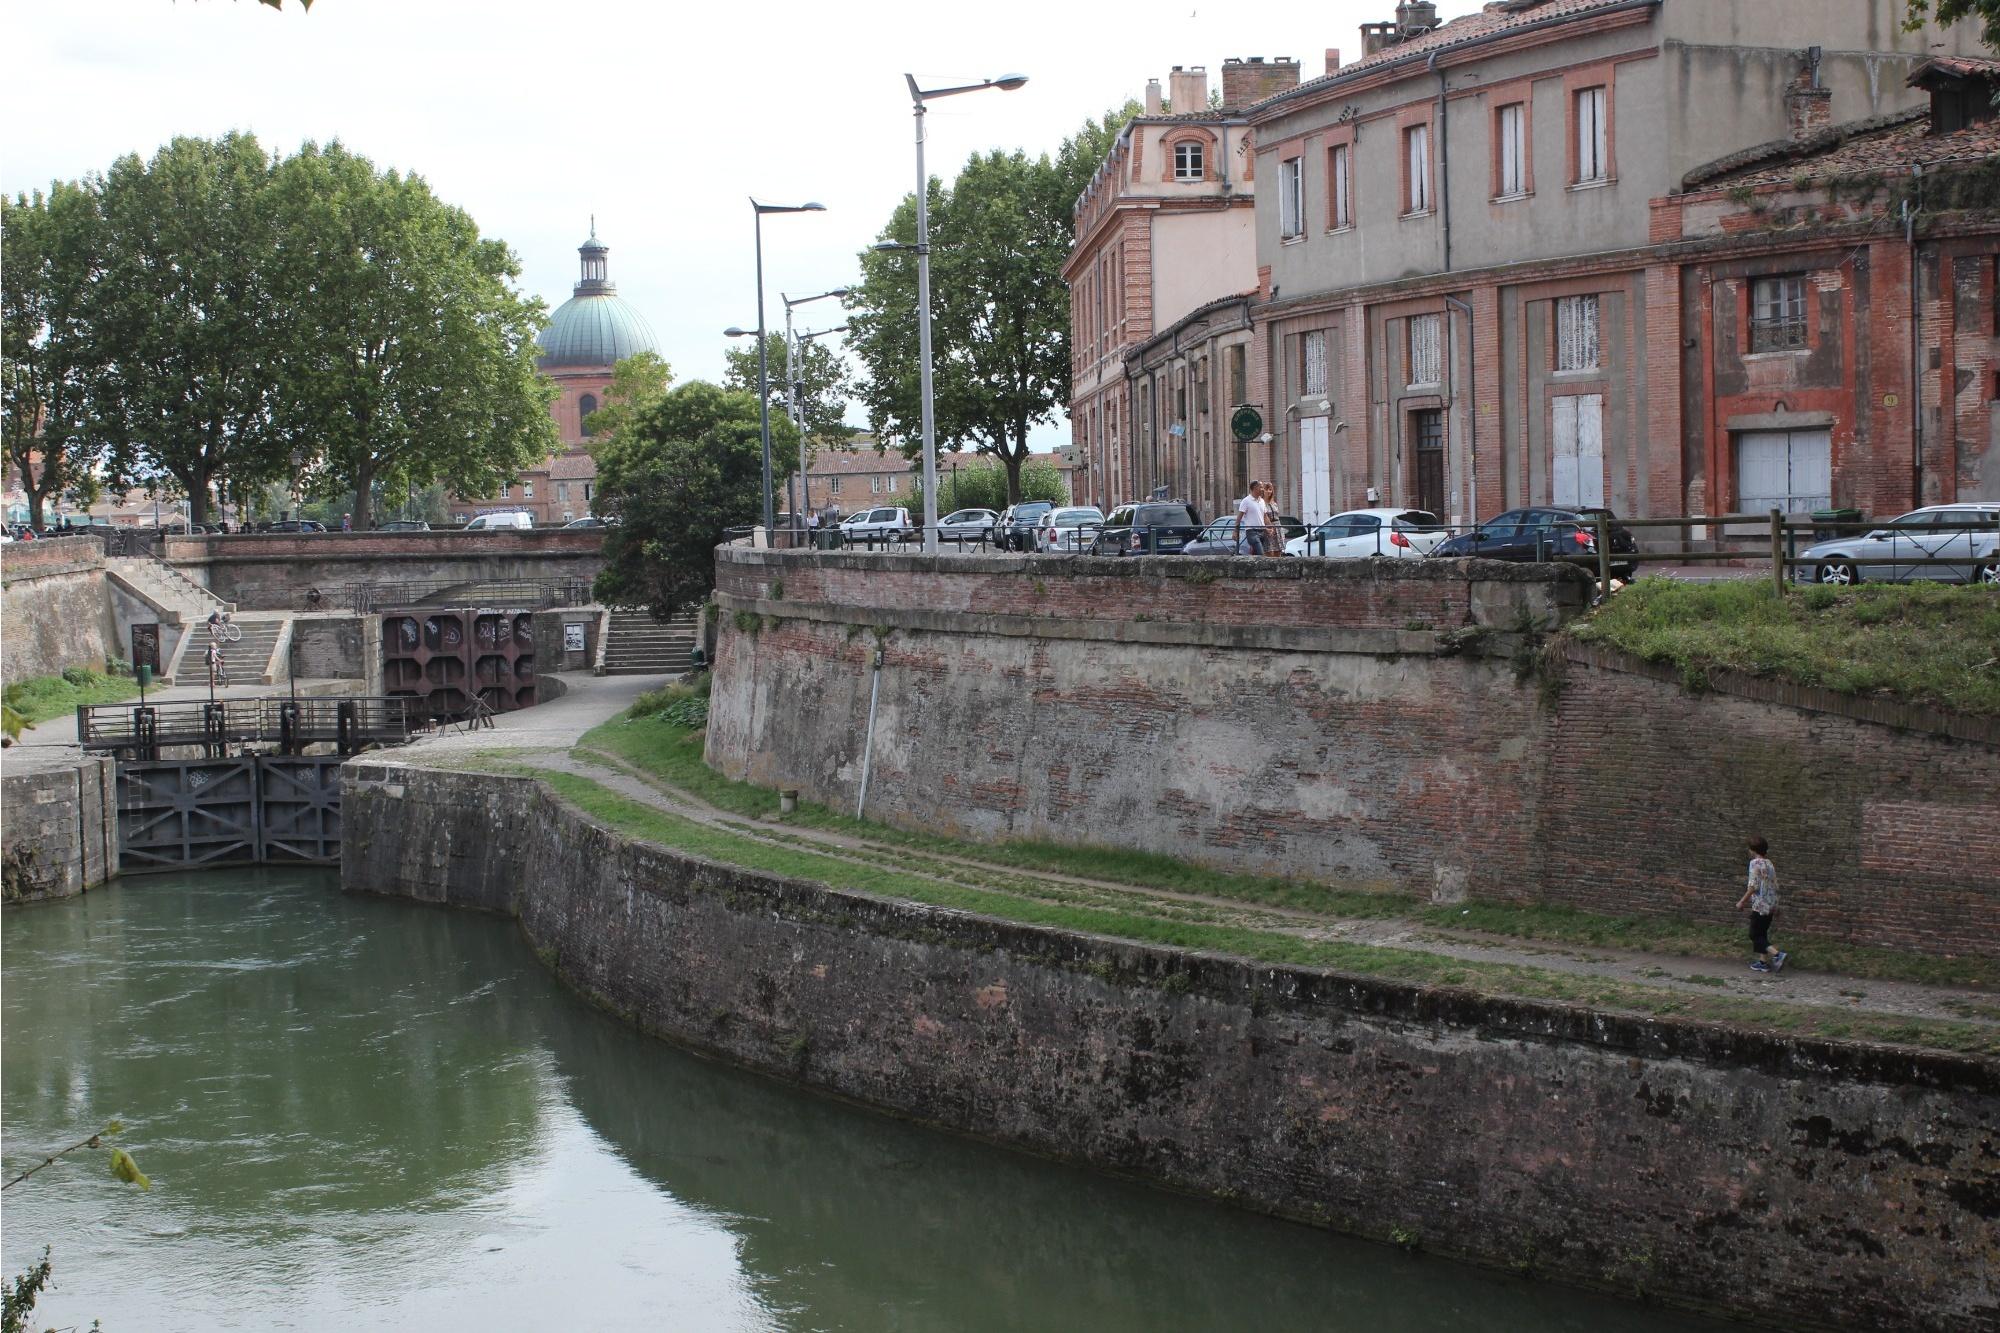 Шлюзы, с которых начинается Средиземноморский канал (после них река Гаронна)